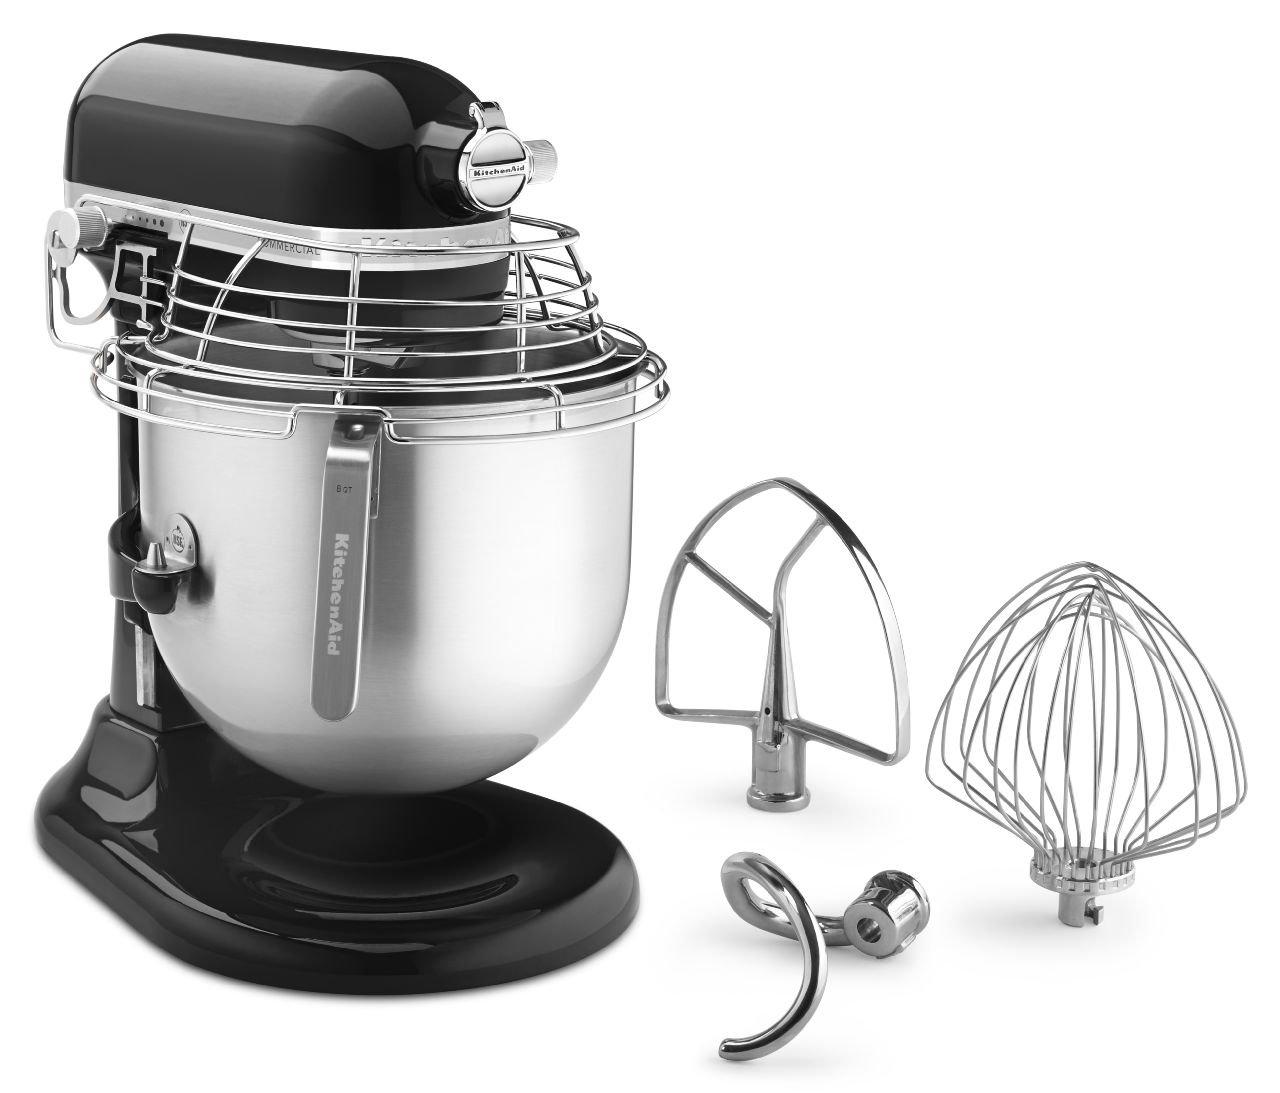 Kitchenaid Ksmc895ob Commercial 8qt Mixer Review